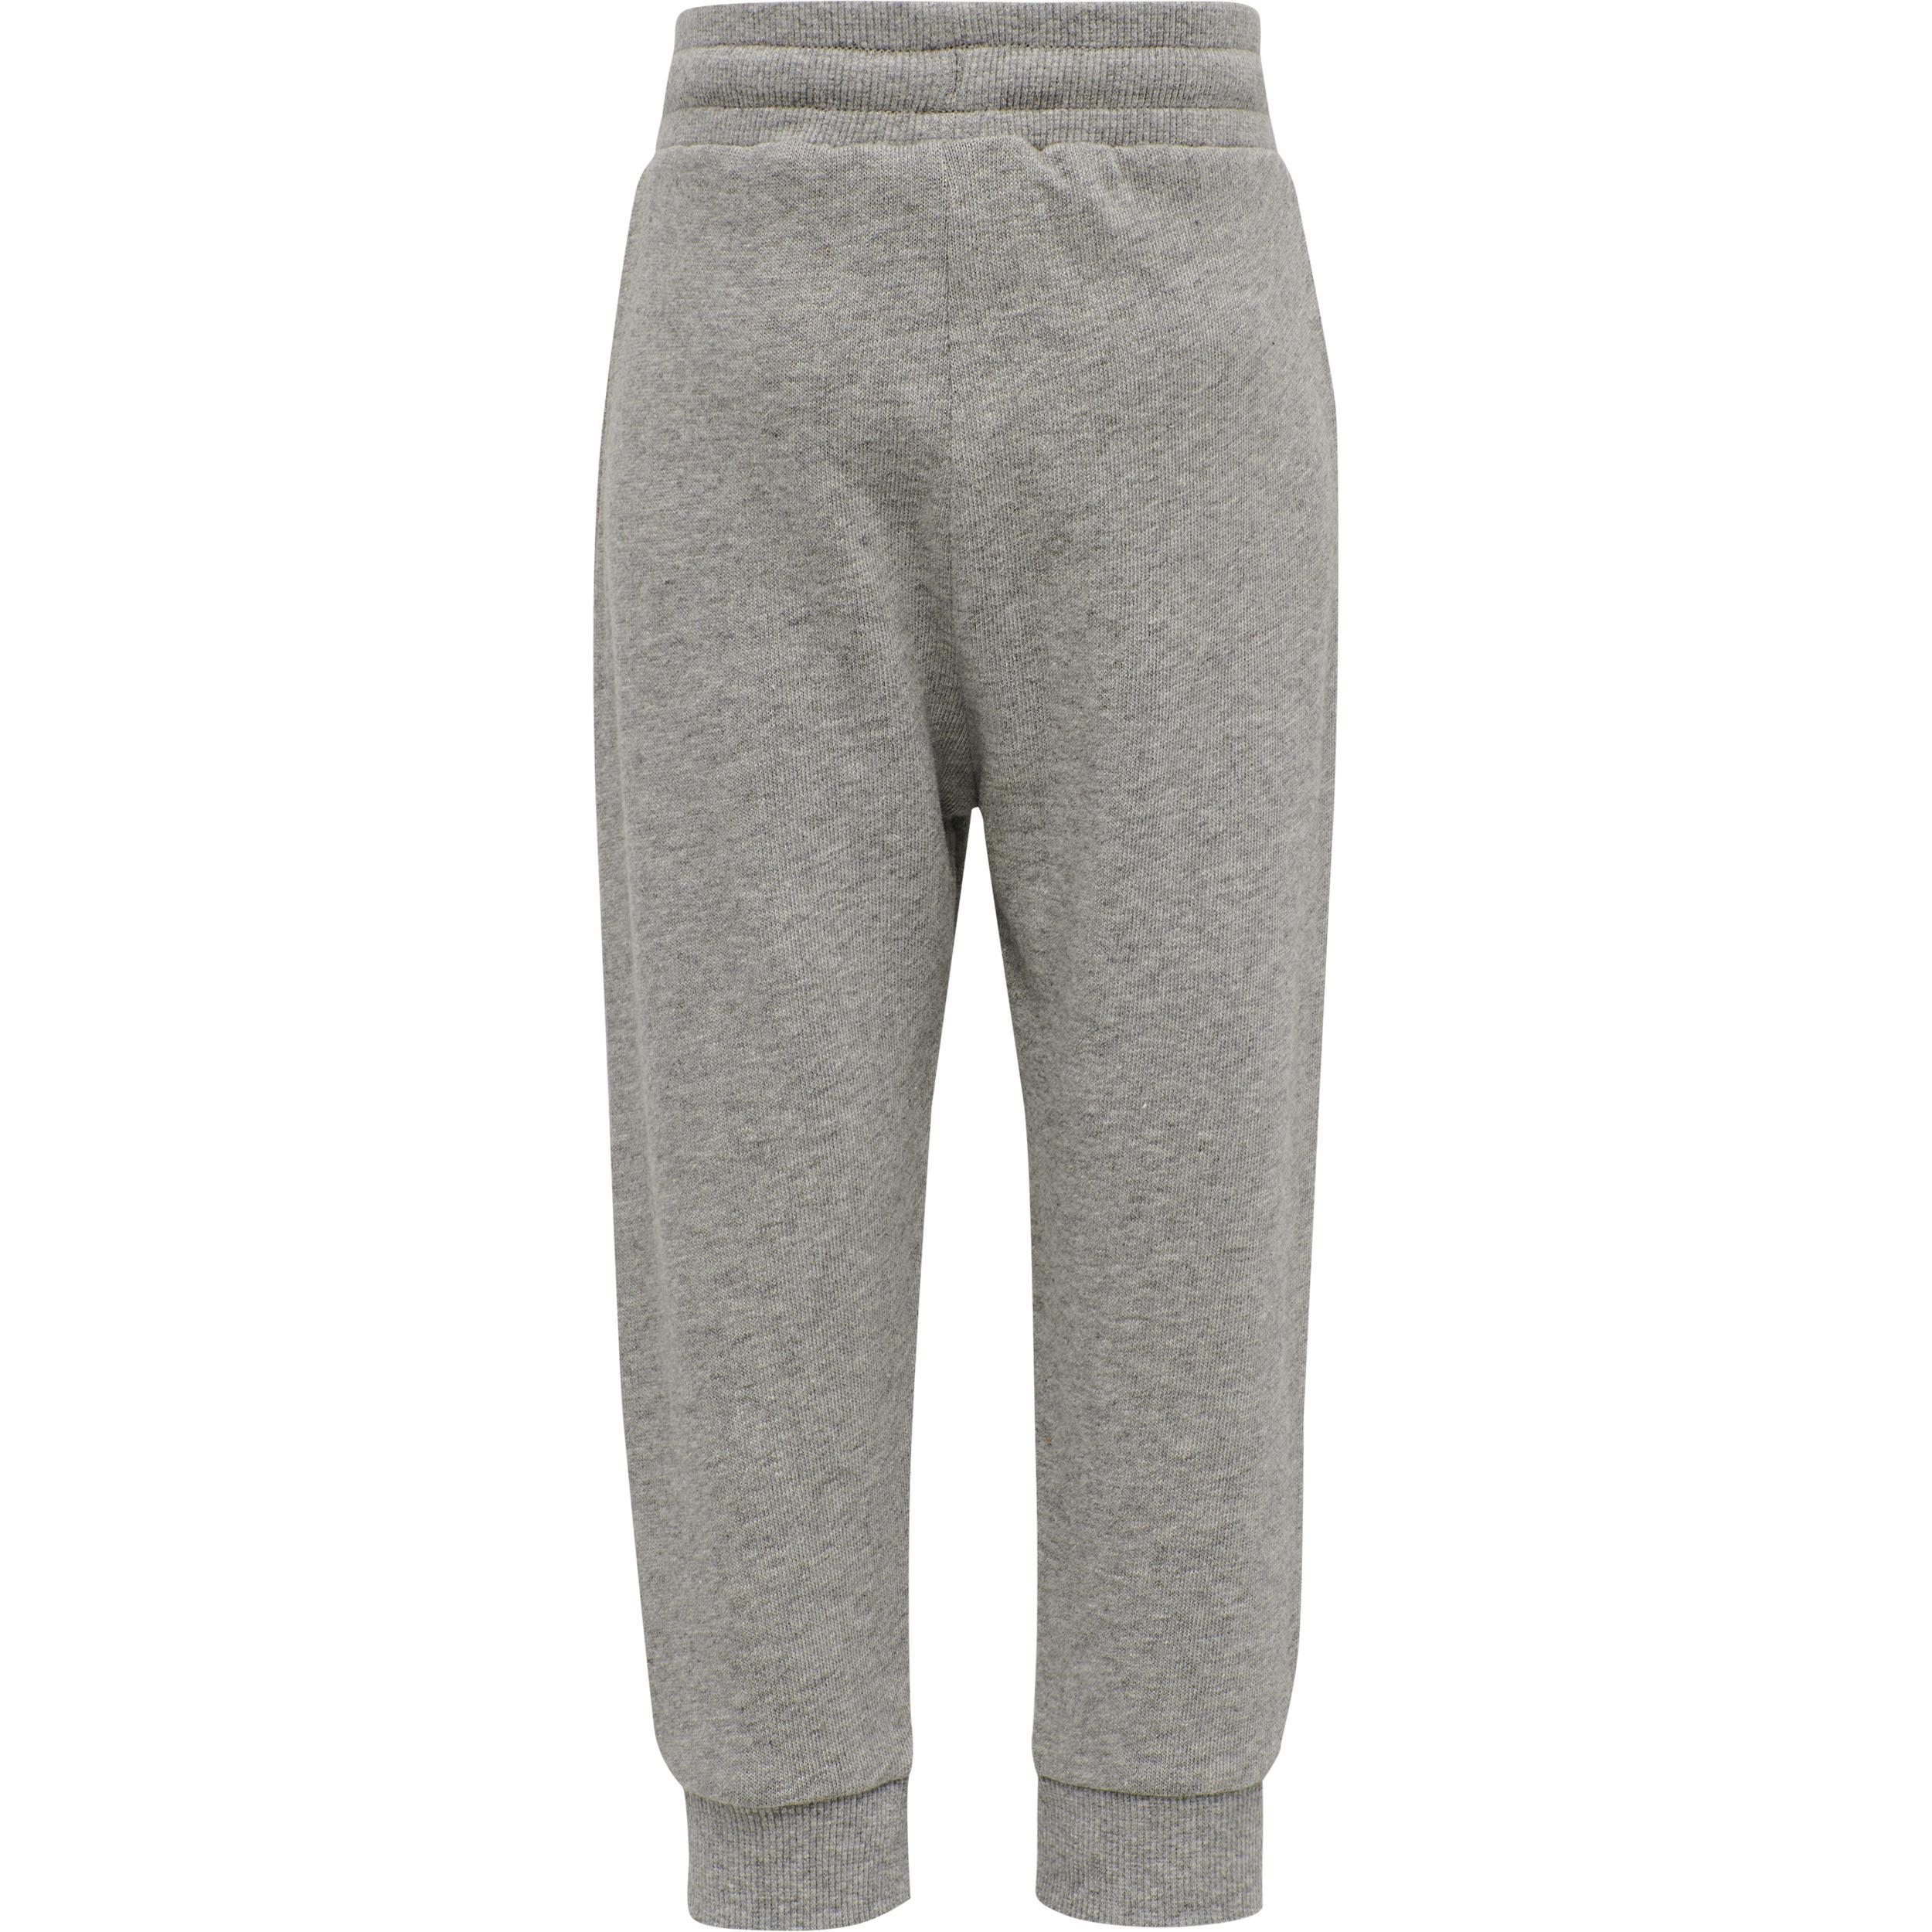 Hummel joggingsæt, grey melange, 56